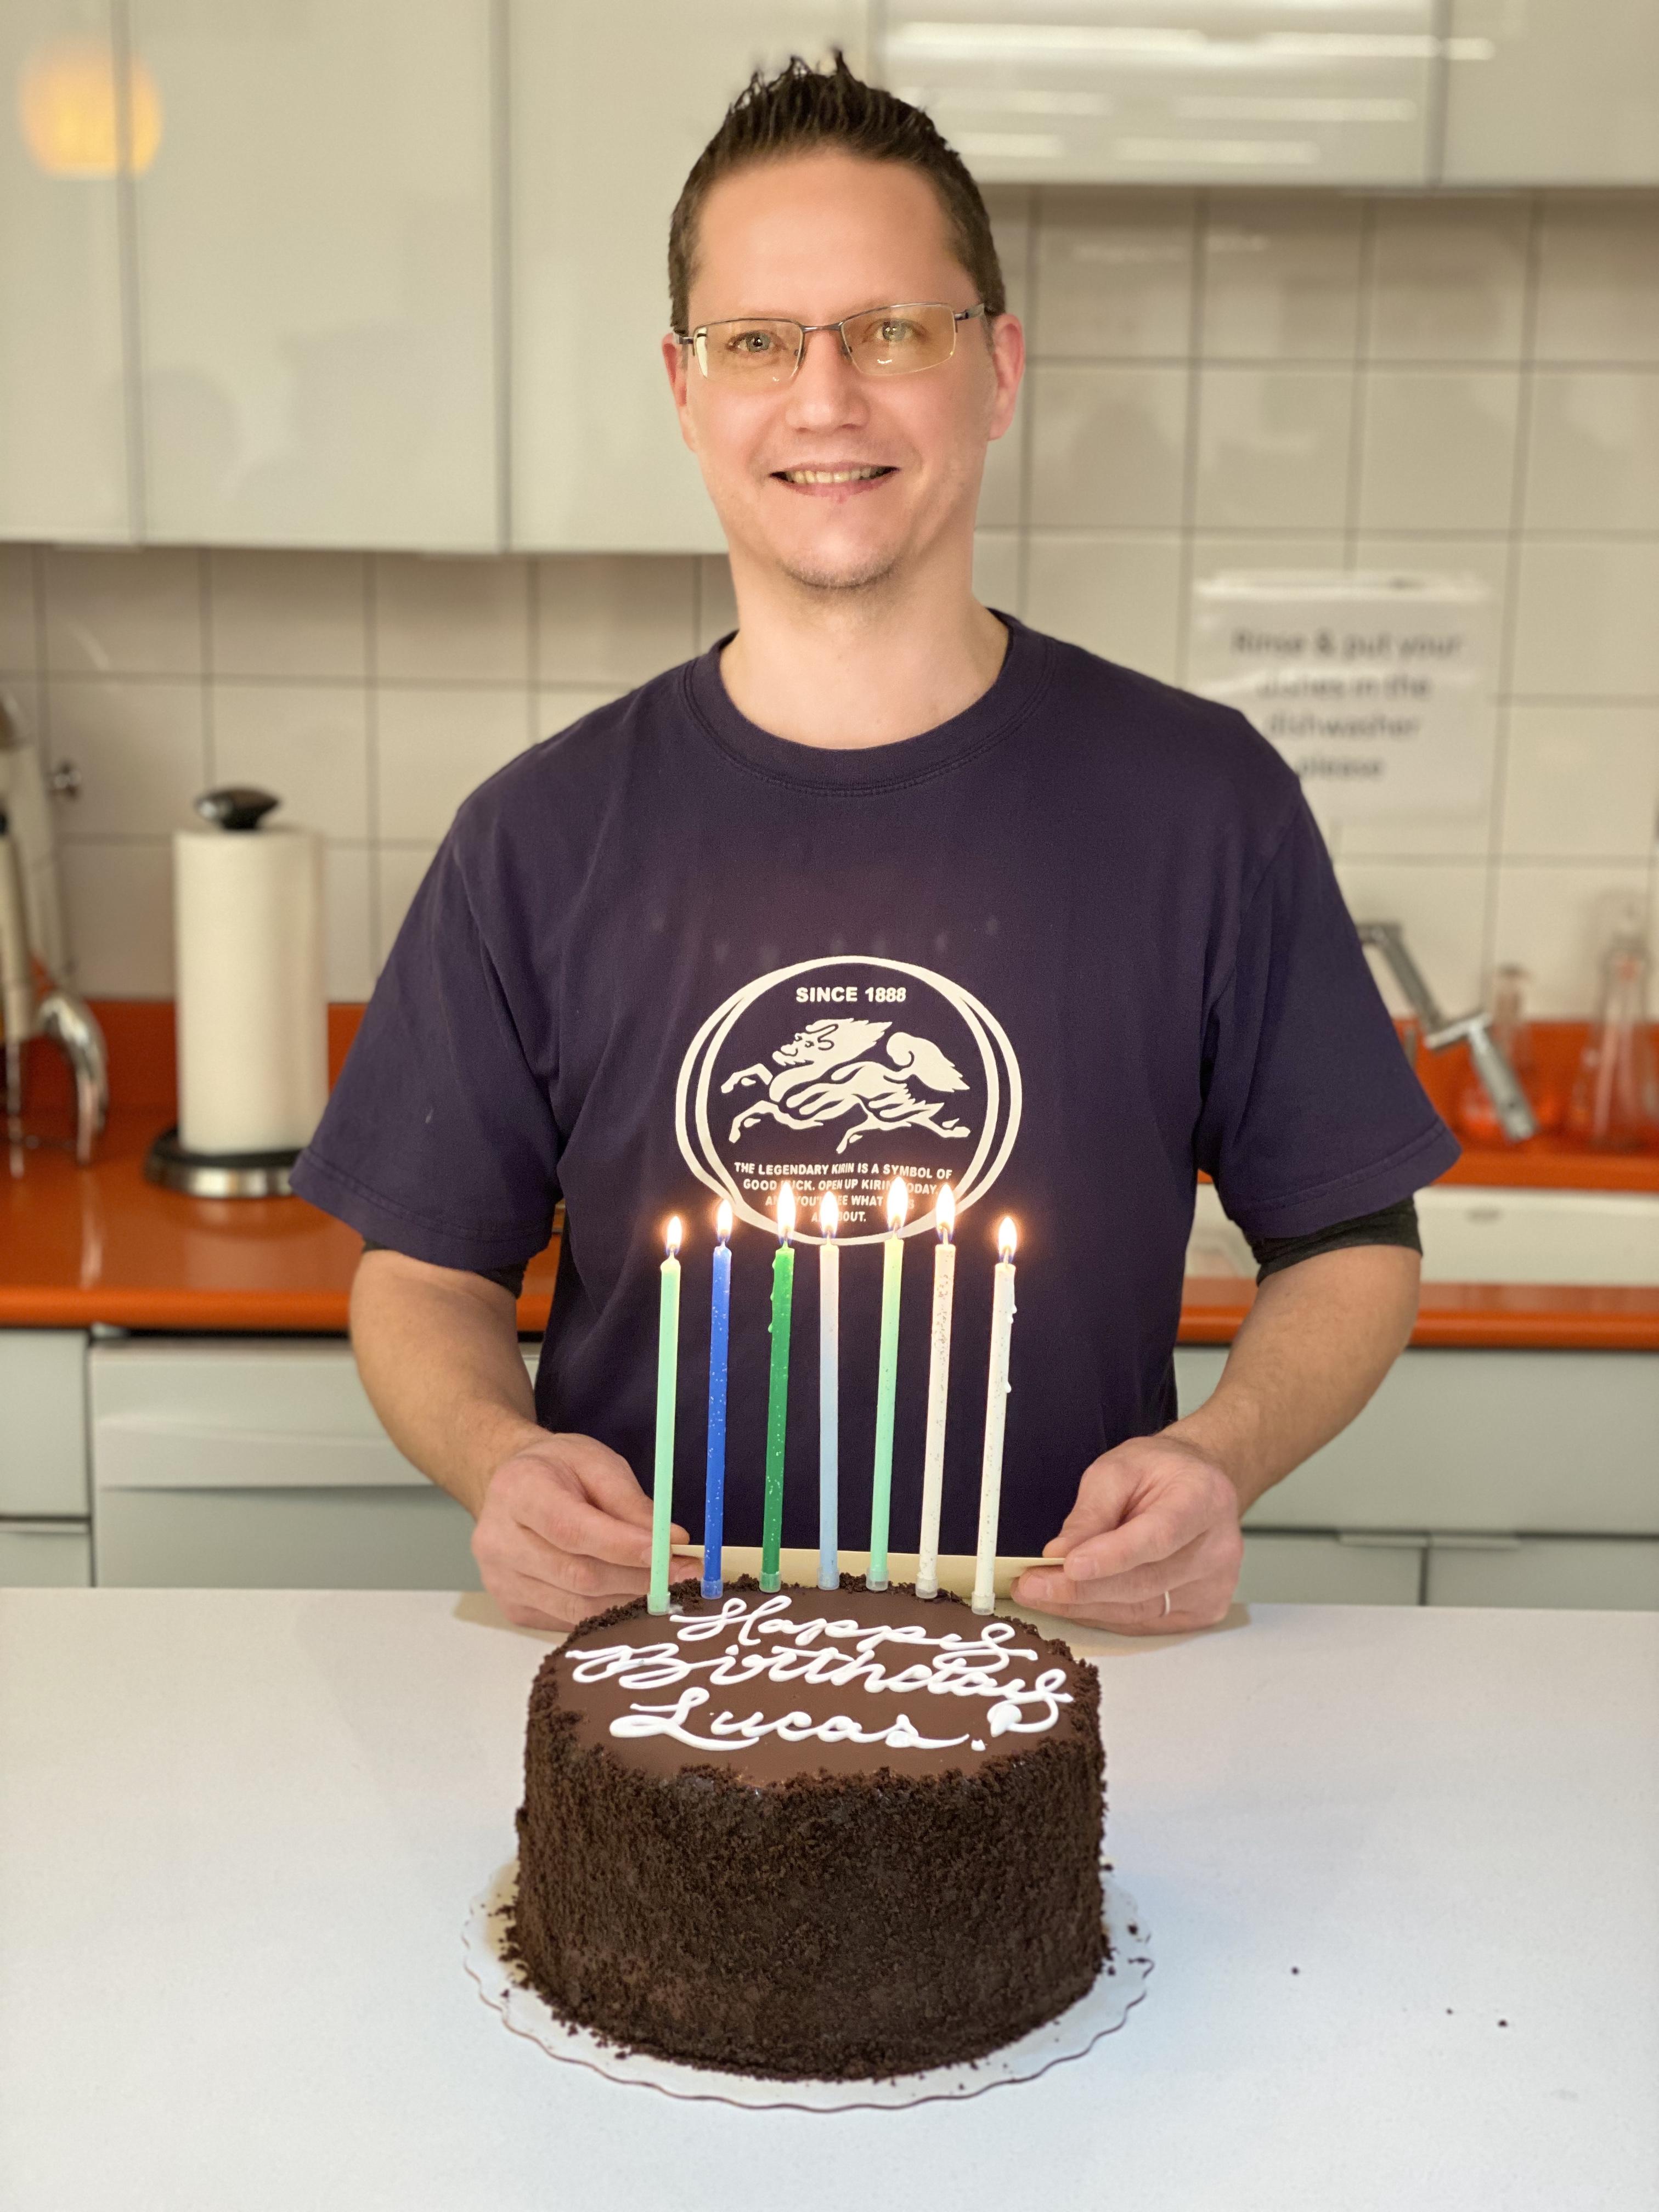 Happy Birthday, Lucas